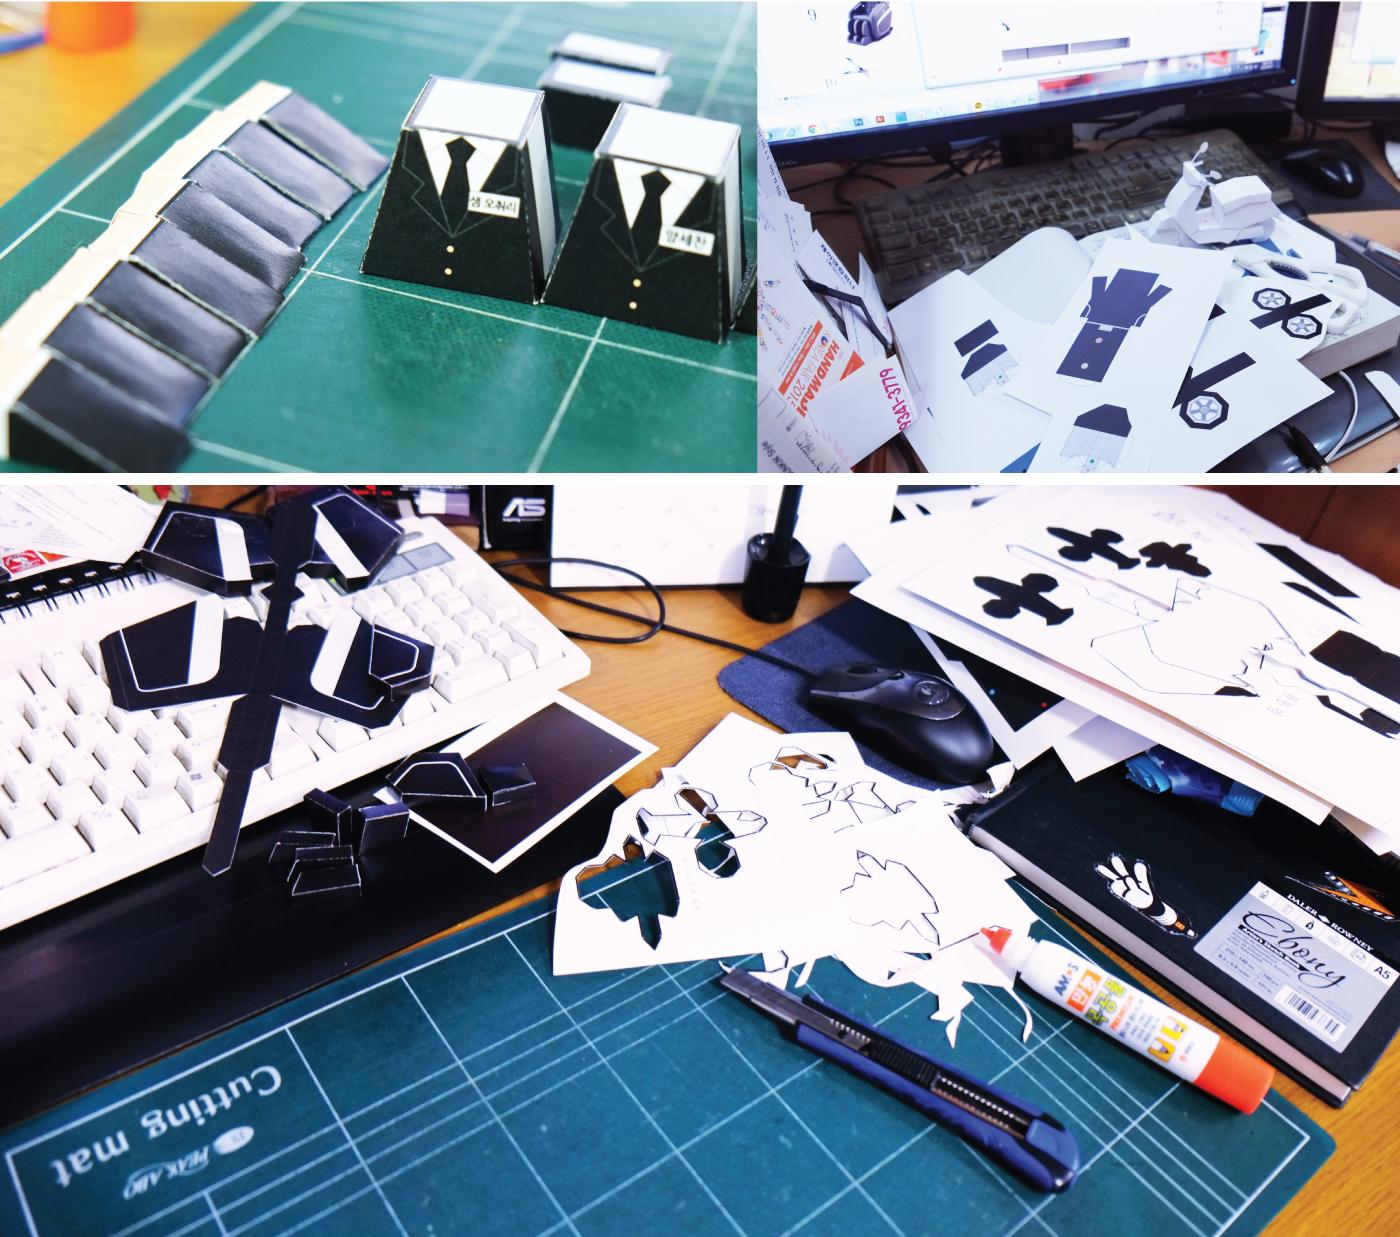 jtbc] BOX -4BD STUDIO on Behance